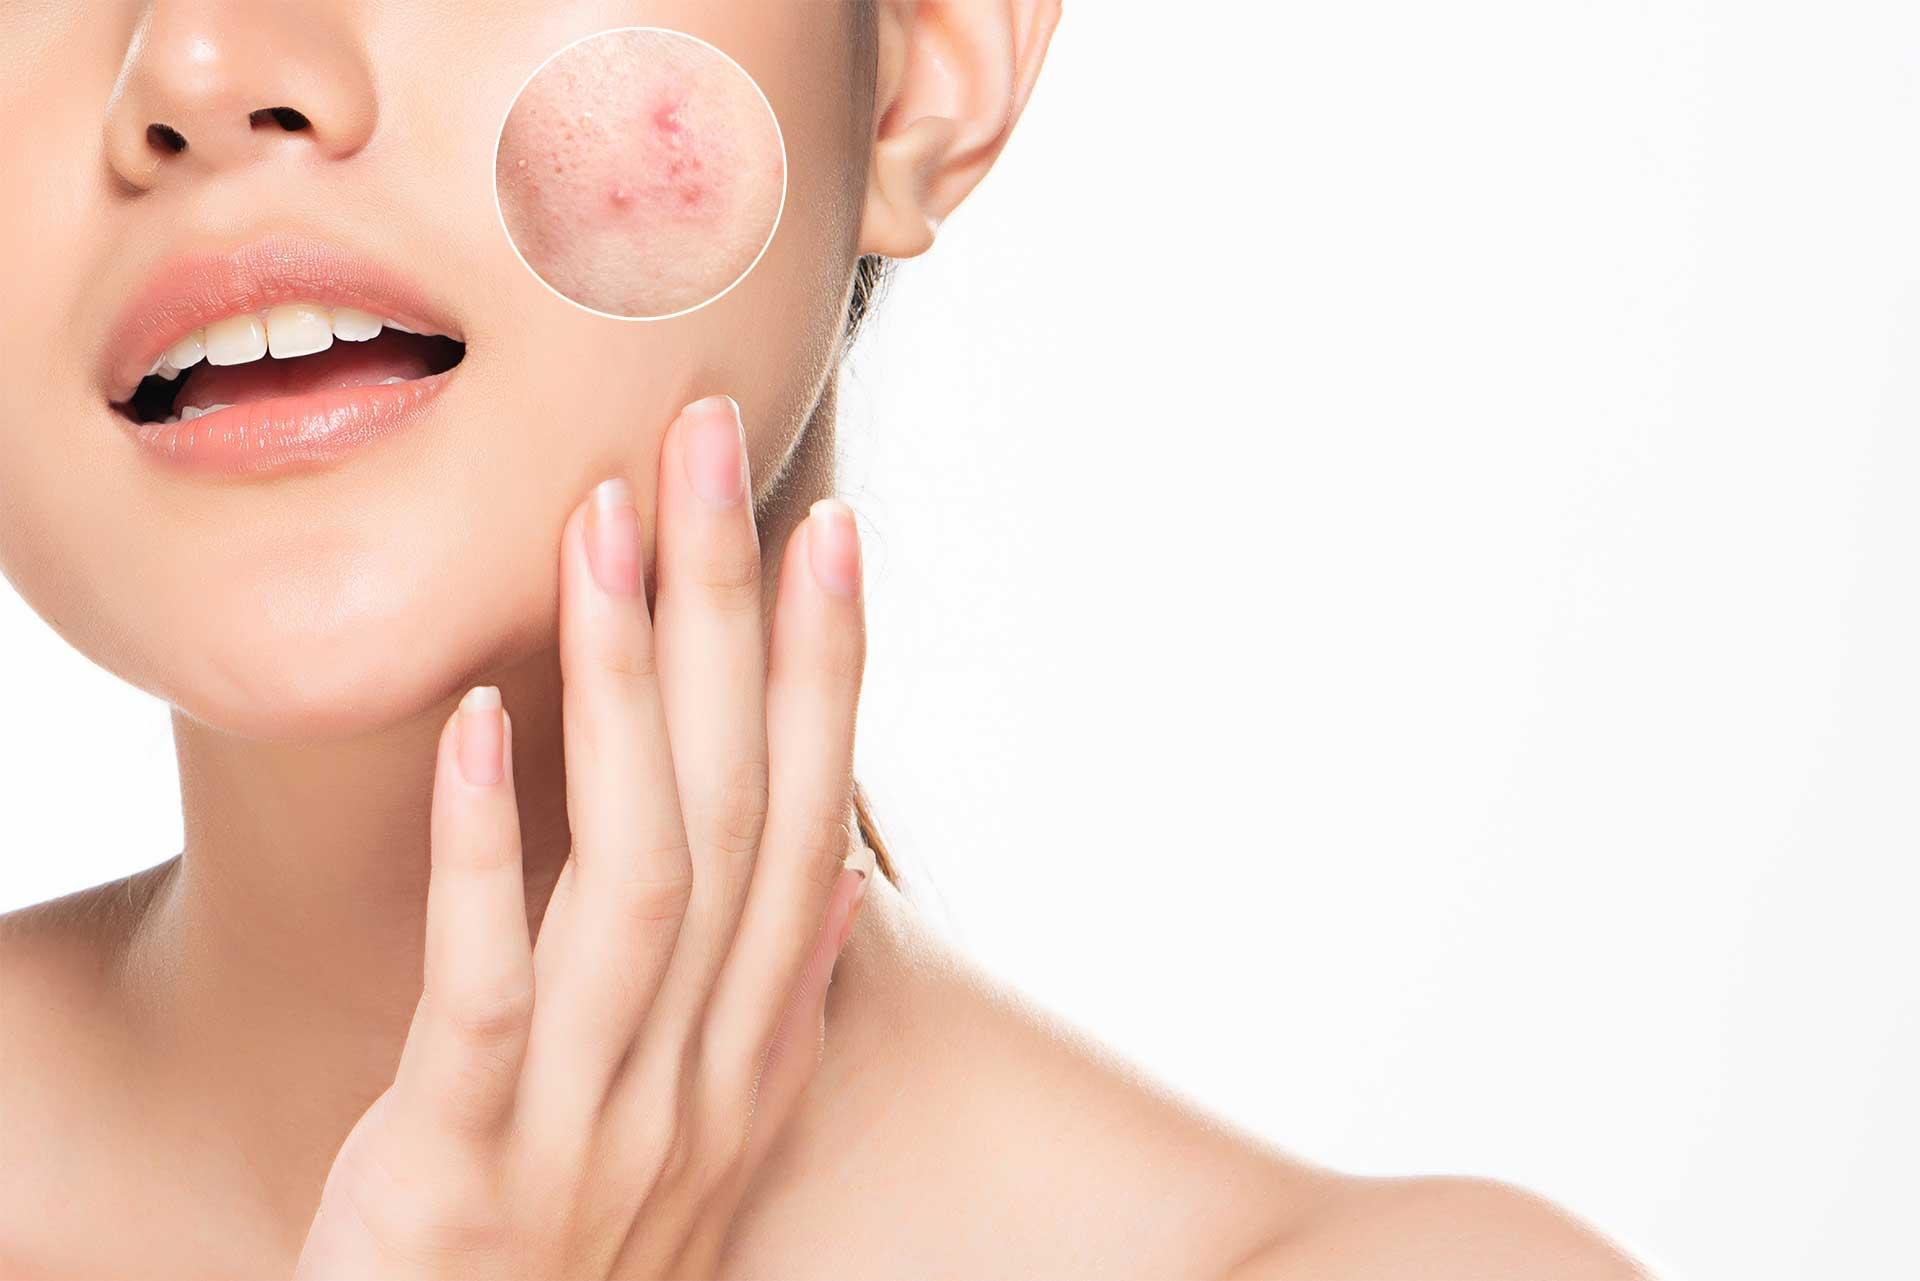 مشکلات پوست و مو | آنجکس